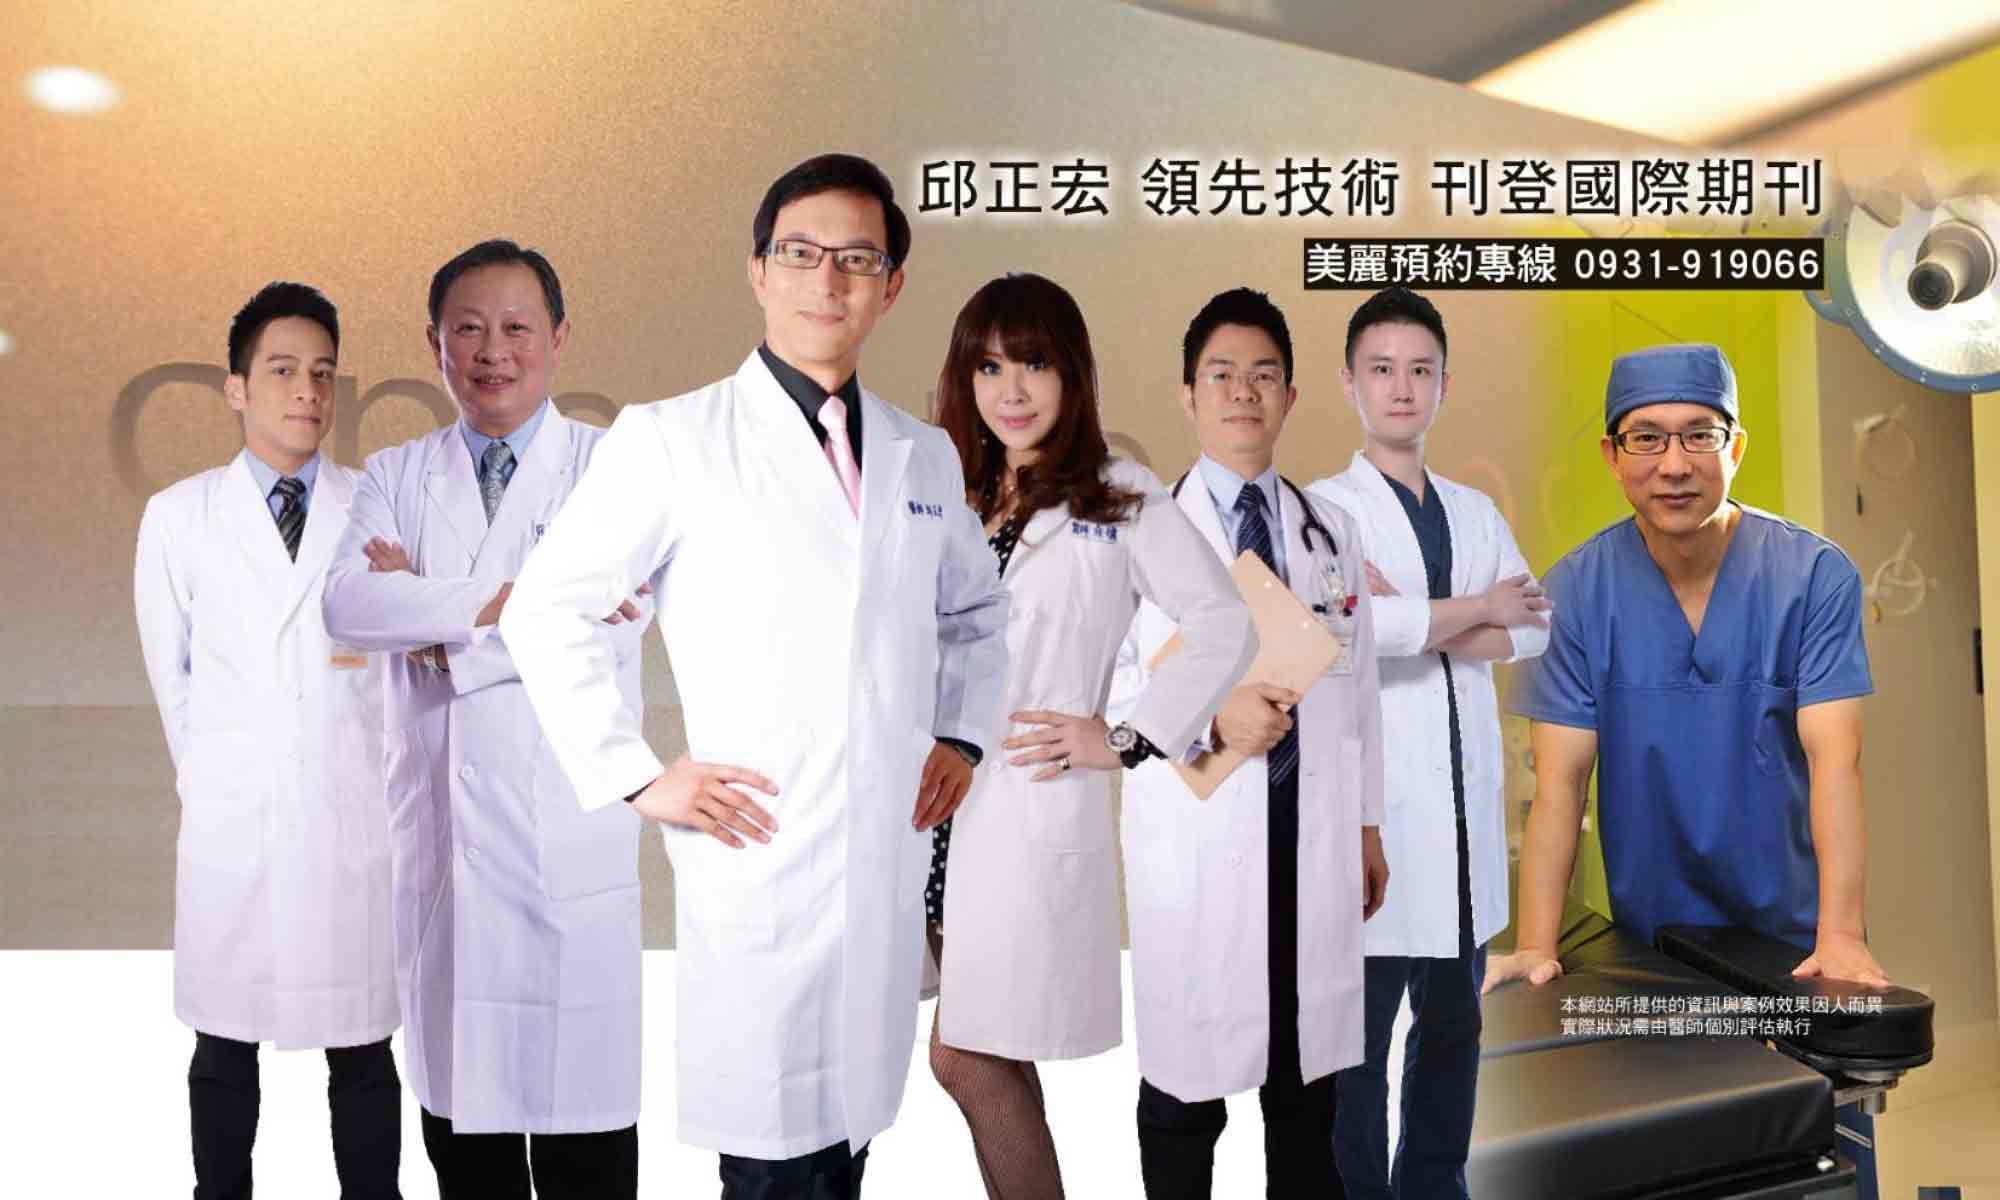 瘦腰專家開創醫美新世紀 給您健康和美麗